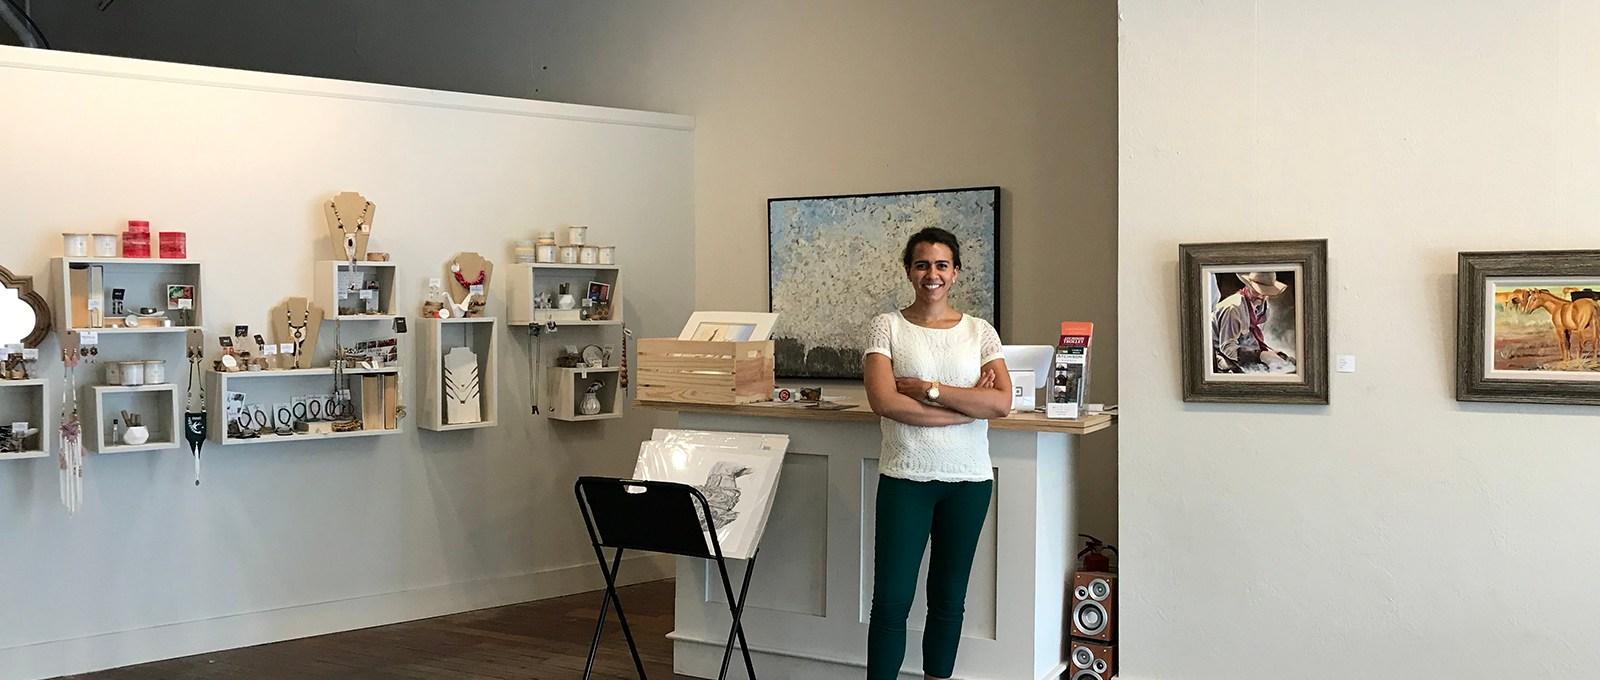 Melinda Pregont in her gallery